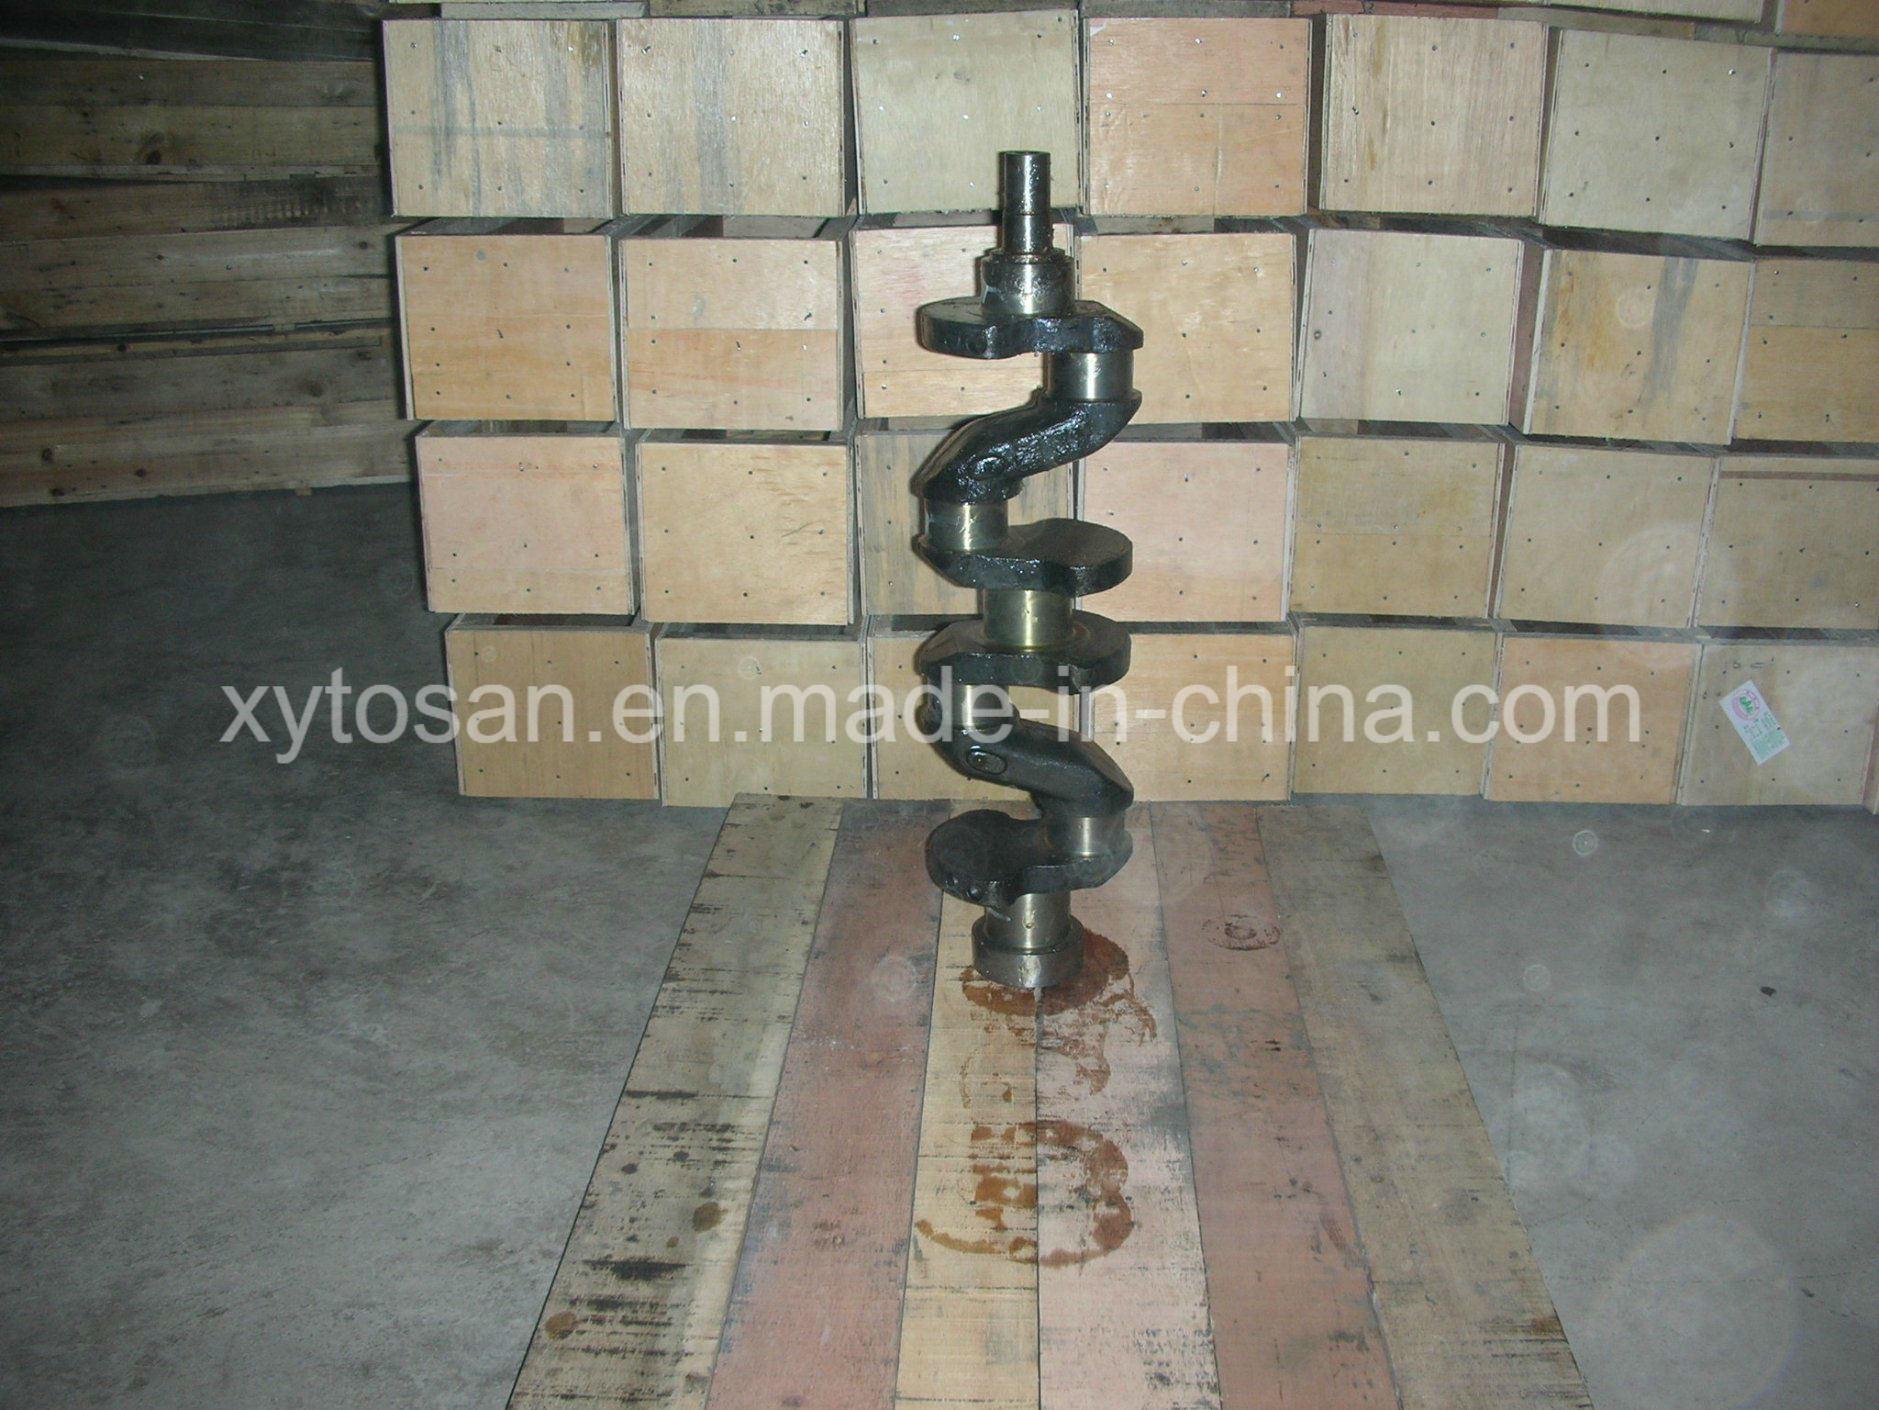 China Auto Parts Crankshaft for Toyota 1e/2e/4e 1Hz 1hdt 1fz 1kz-T